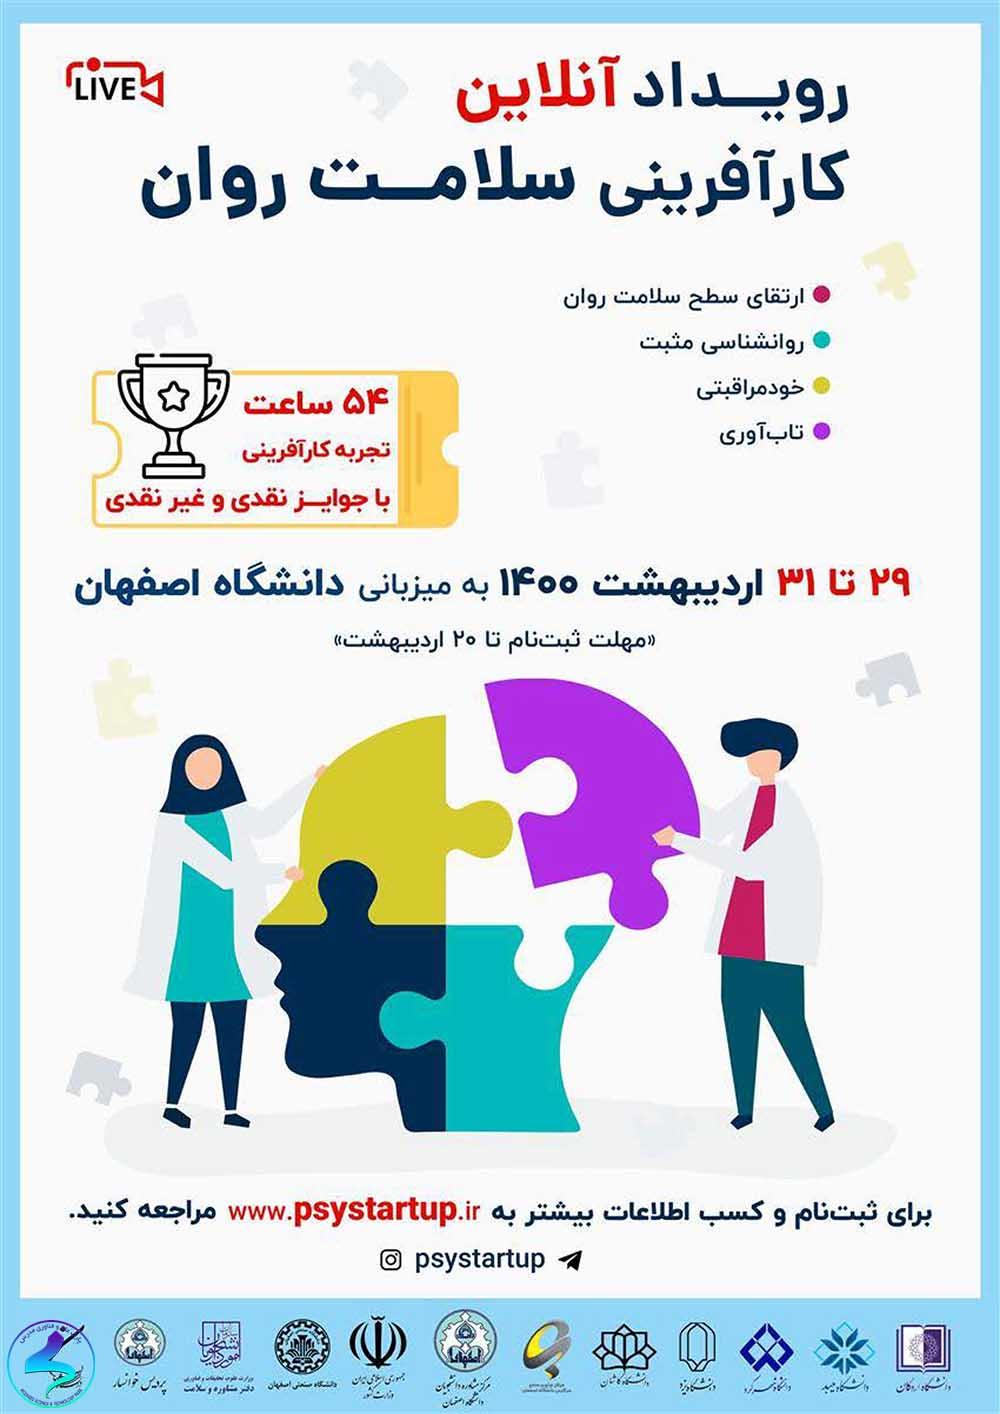 برگزاری رویداد آنلاین کارآفرینی سلامت روان